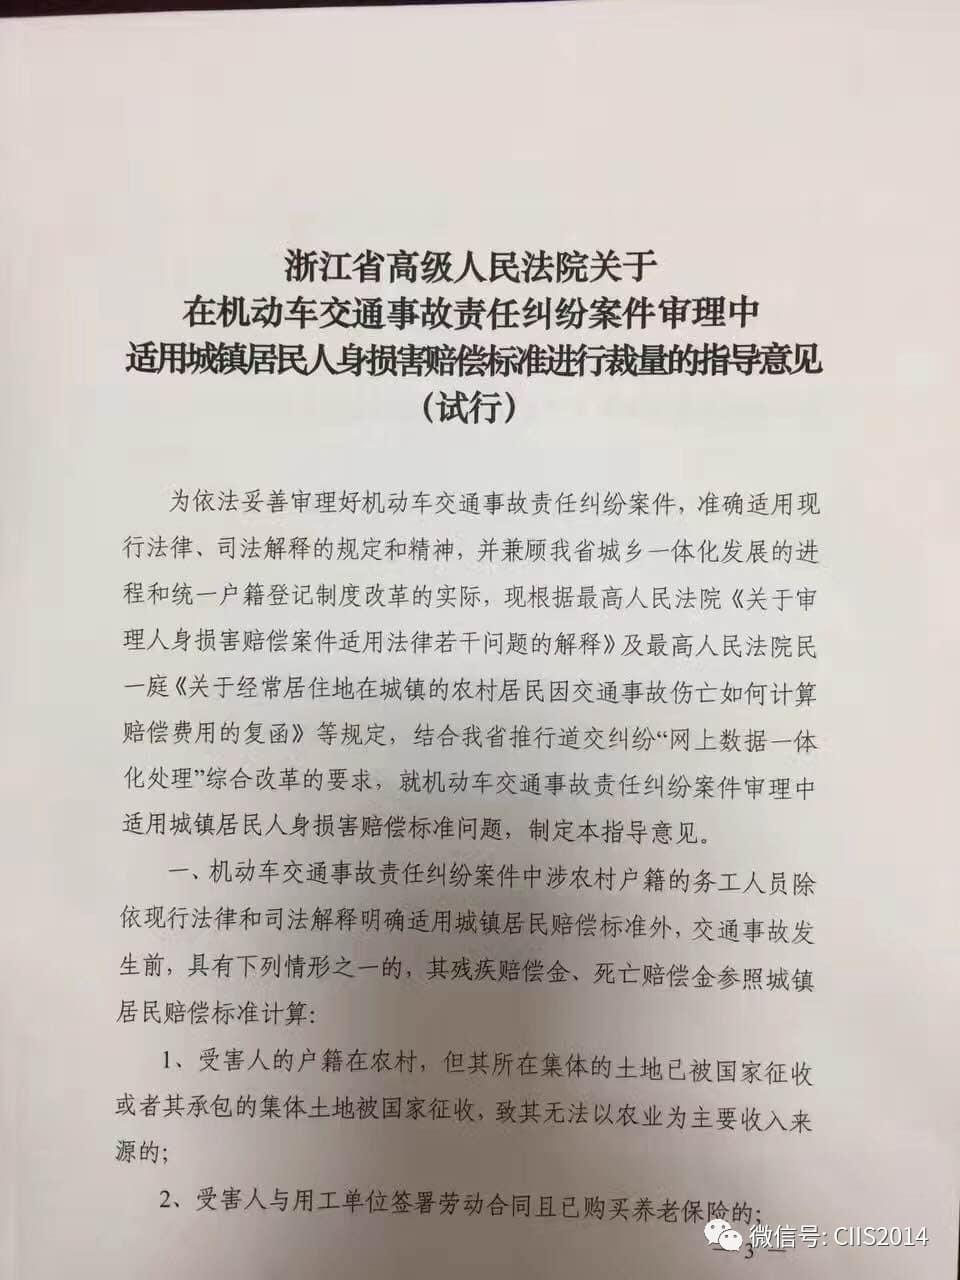 浙江高院交通事故适用城镇居民赔偿标准的指导意见